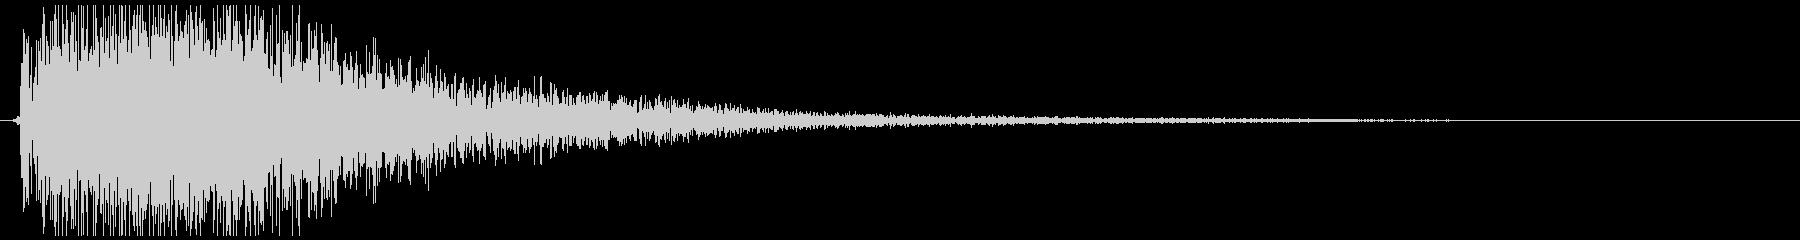 銃声 2(バキューン)の未再生の波形